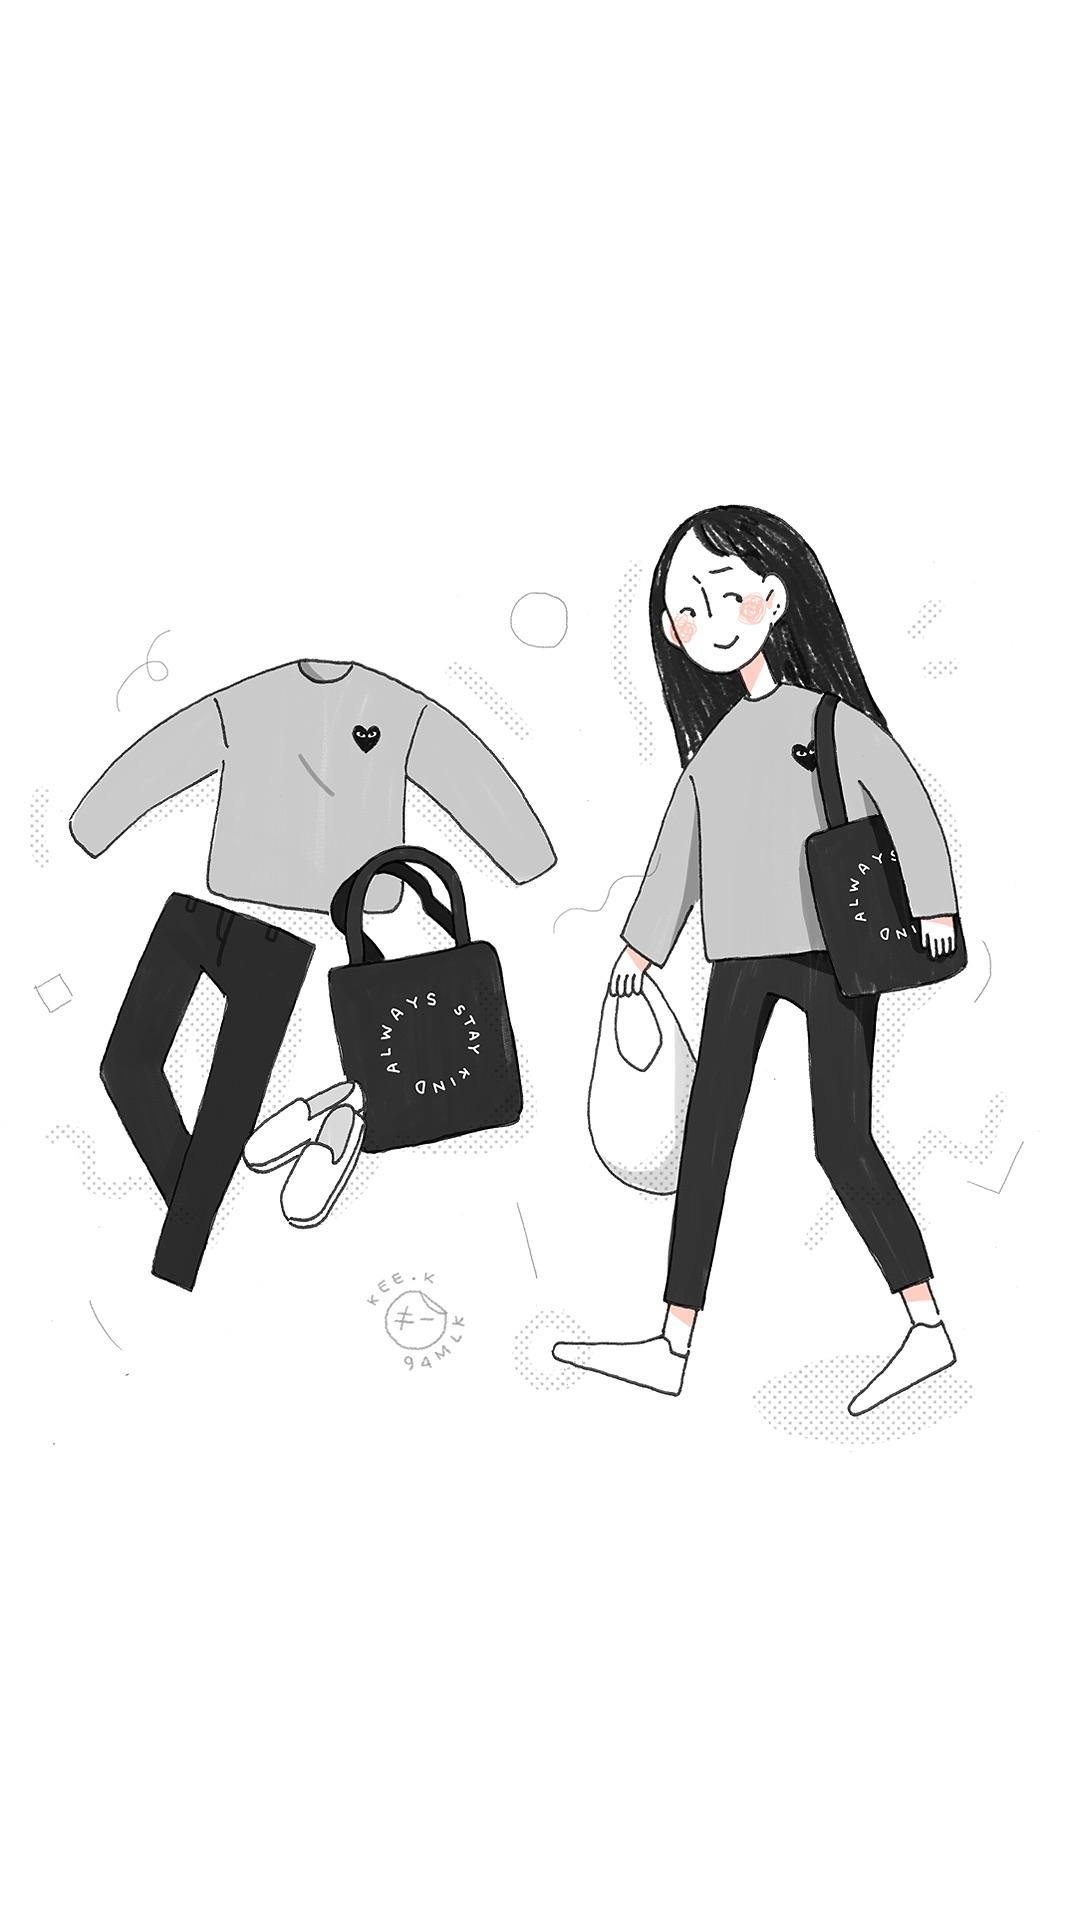 女孩 衣着 搭配 手绘 插画 黑白